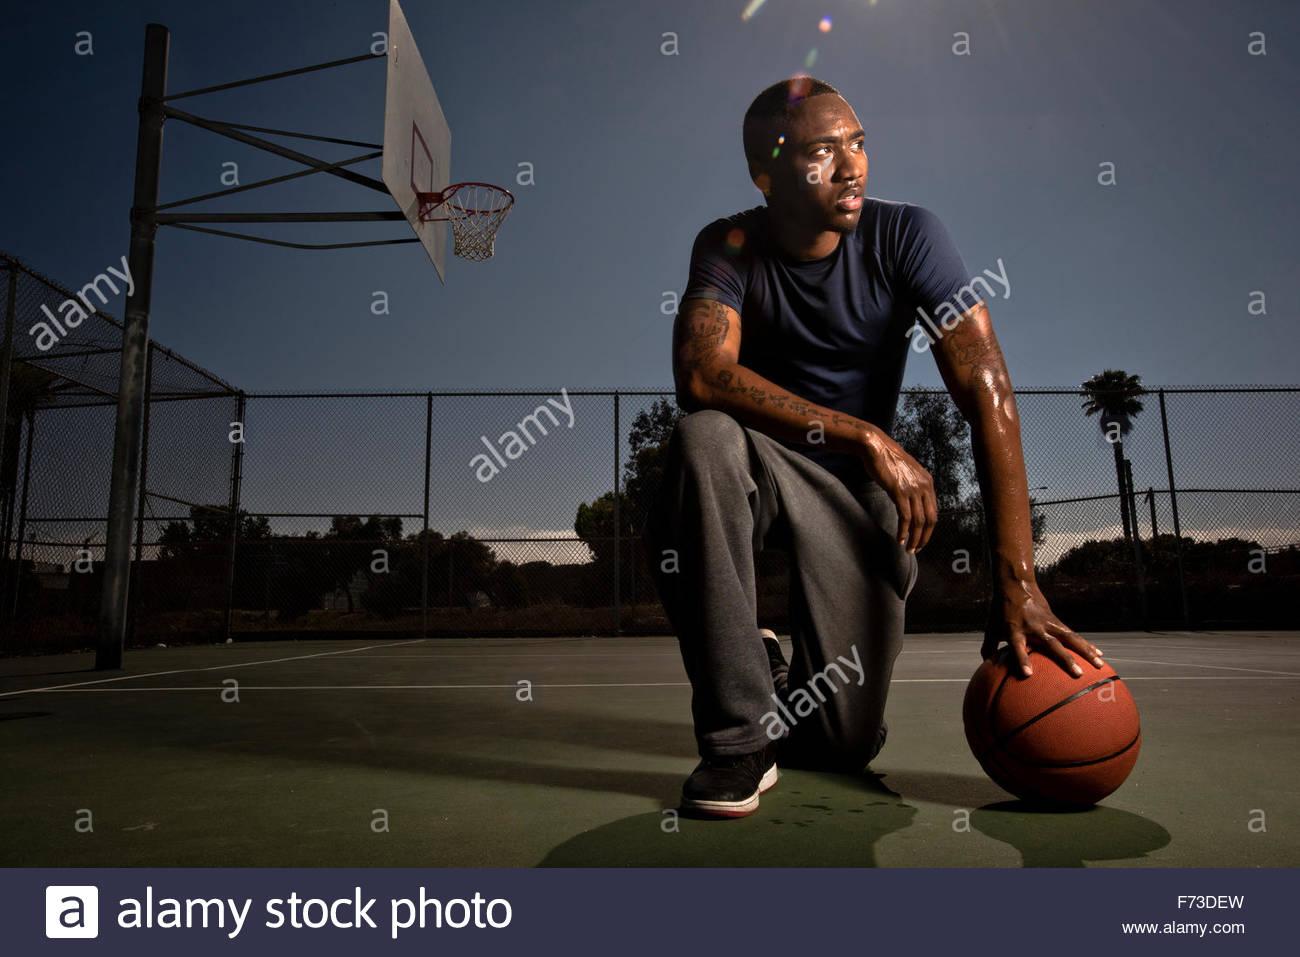 Un joueur de basket-ball player repose sur la cour après un match. Photo Stock